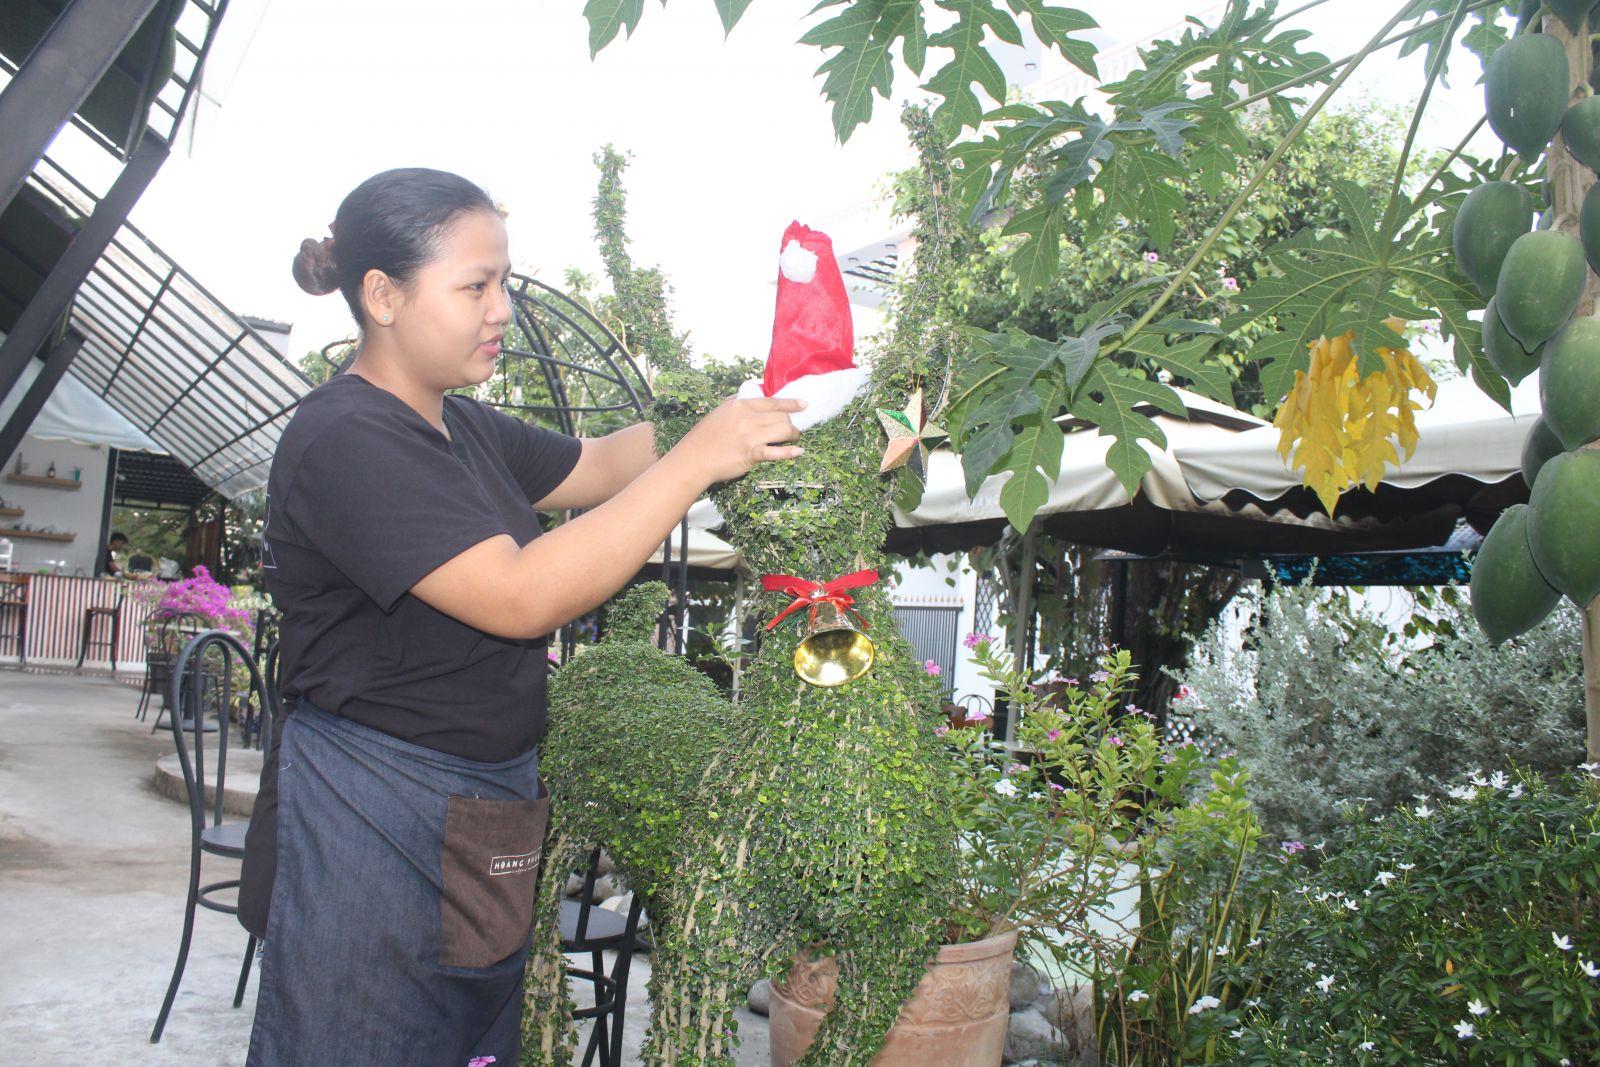 Con tuần lộc được quán cà phê Hoàng Phúc đầu tư theo kiểu bonsai